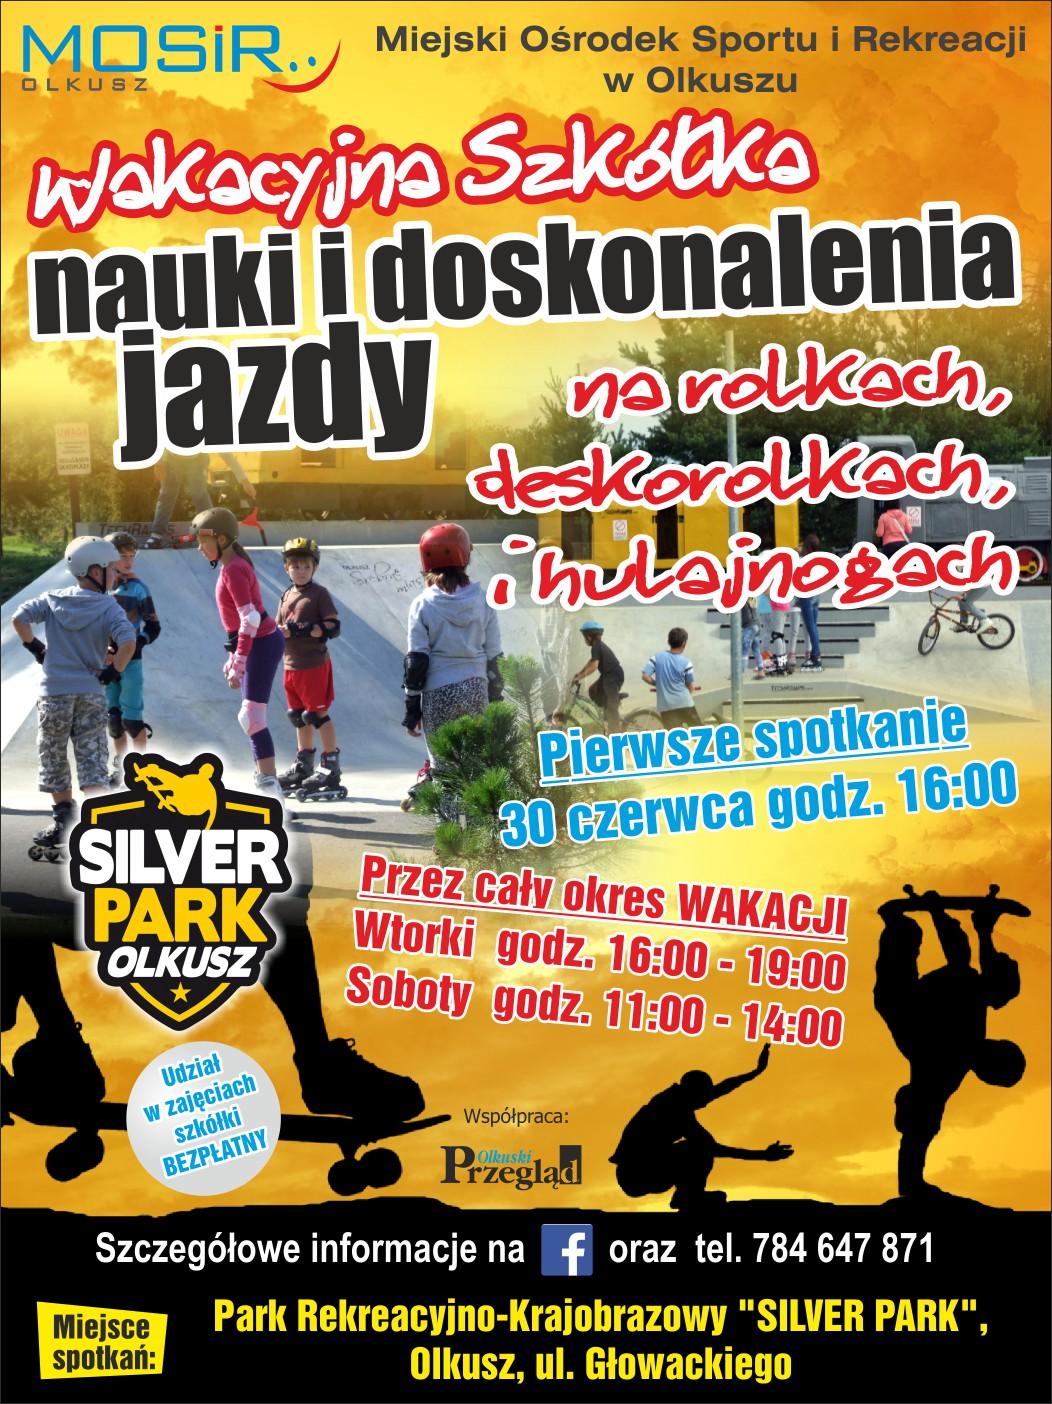 Plakat promujący wakacyjną szkółkę nauki i doskonalenia jazdy na rolkach, deskorolkach i hulajnogach